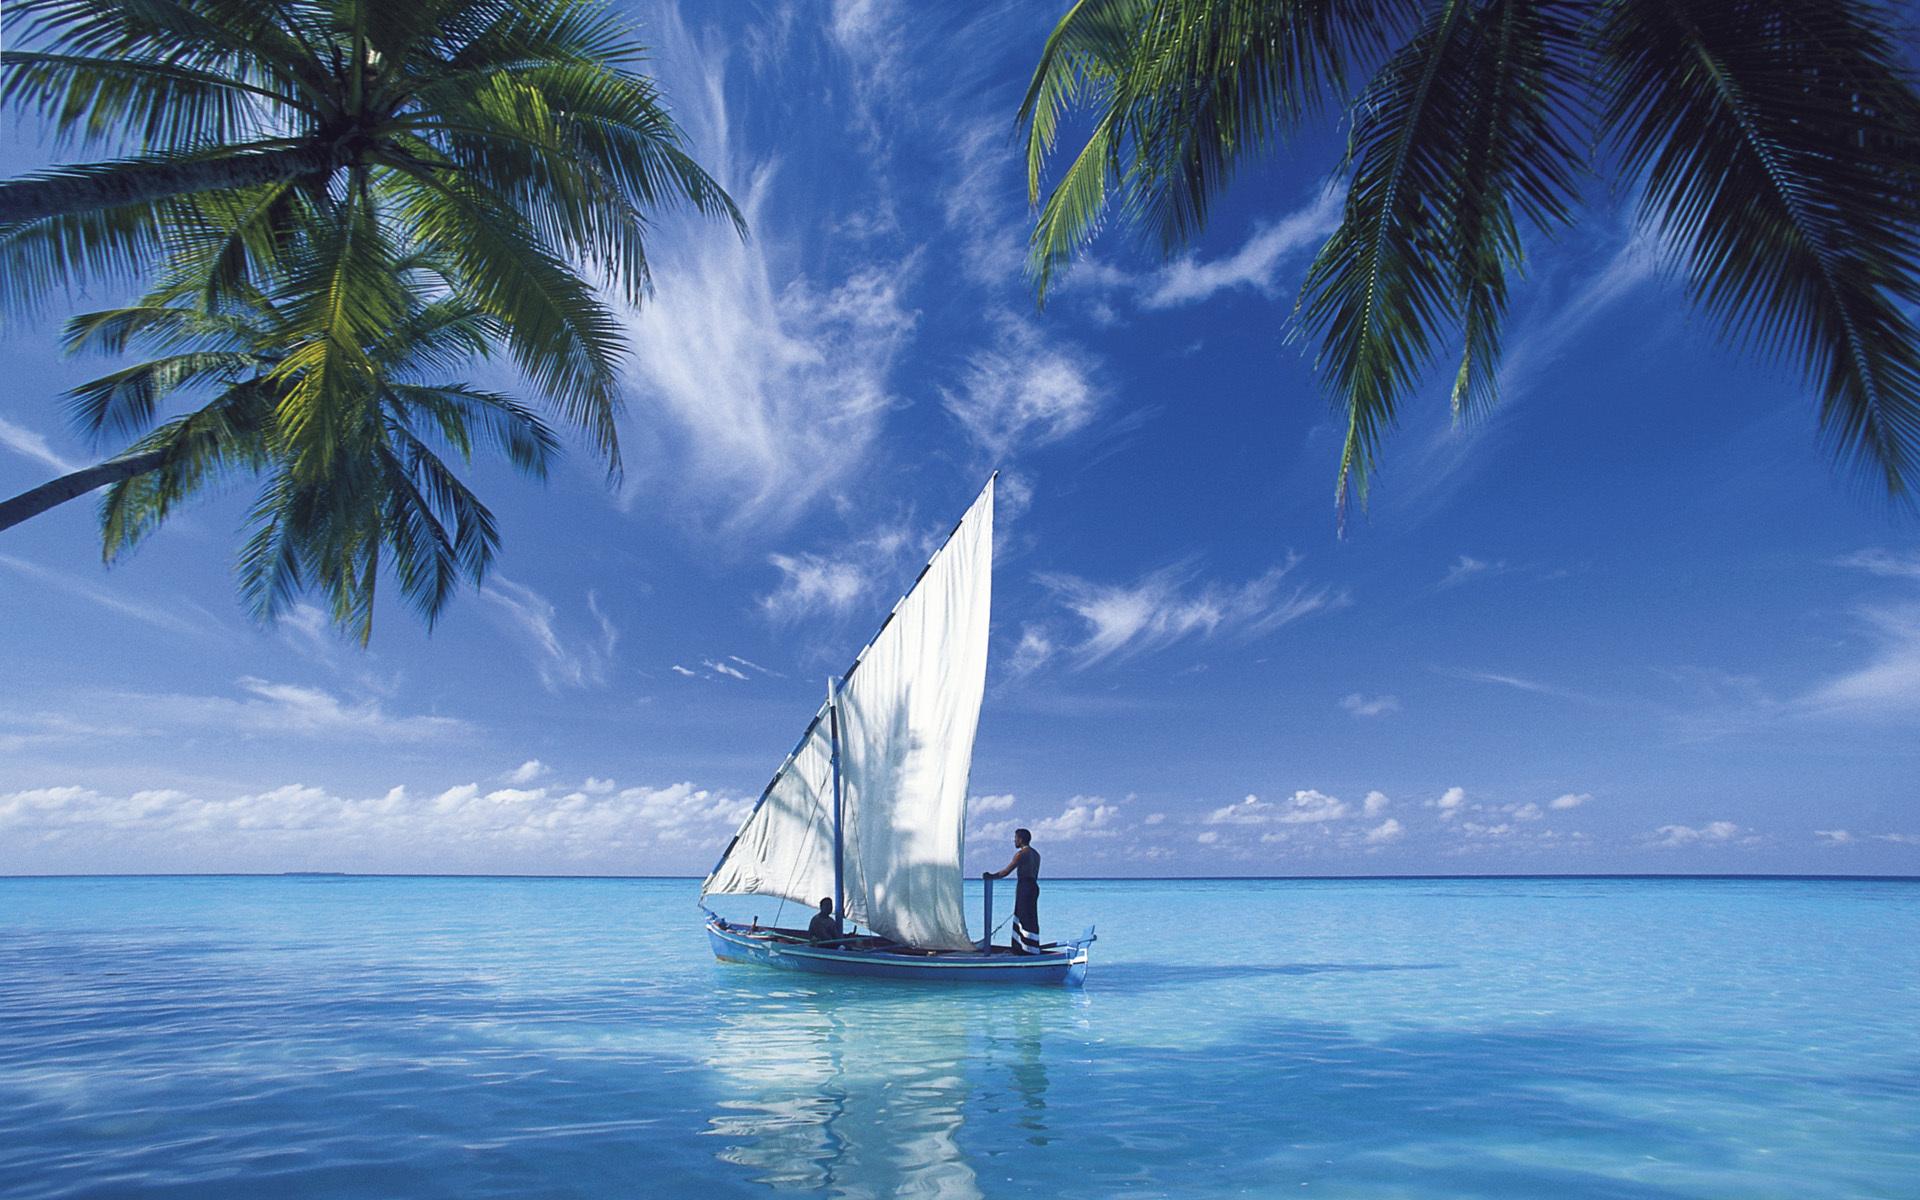 Яхта на море красивые картинки и обои в лучшем качестве (9)